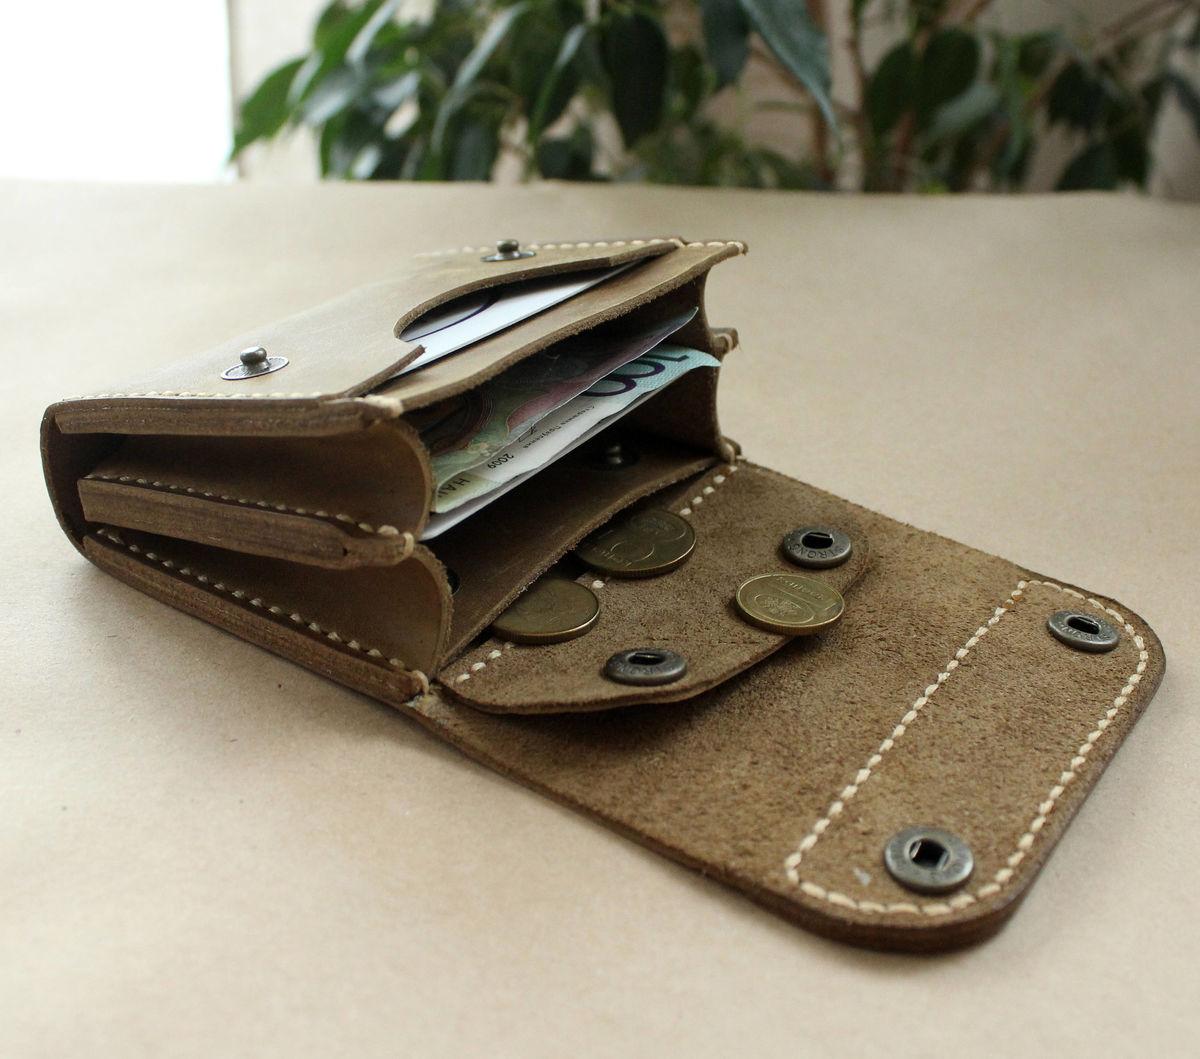 ebcfe9a3c548 Small leather wallet ligth olive - Anger Refuge